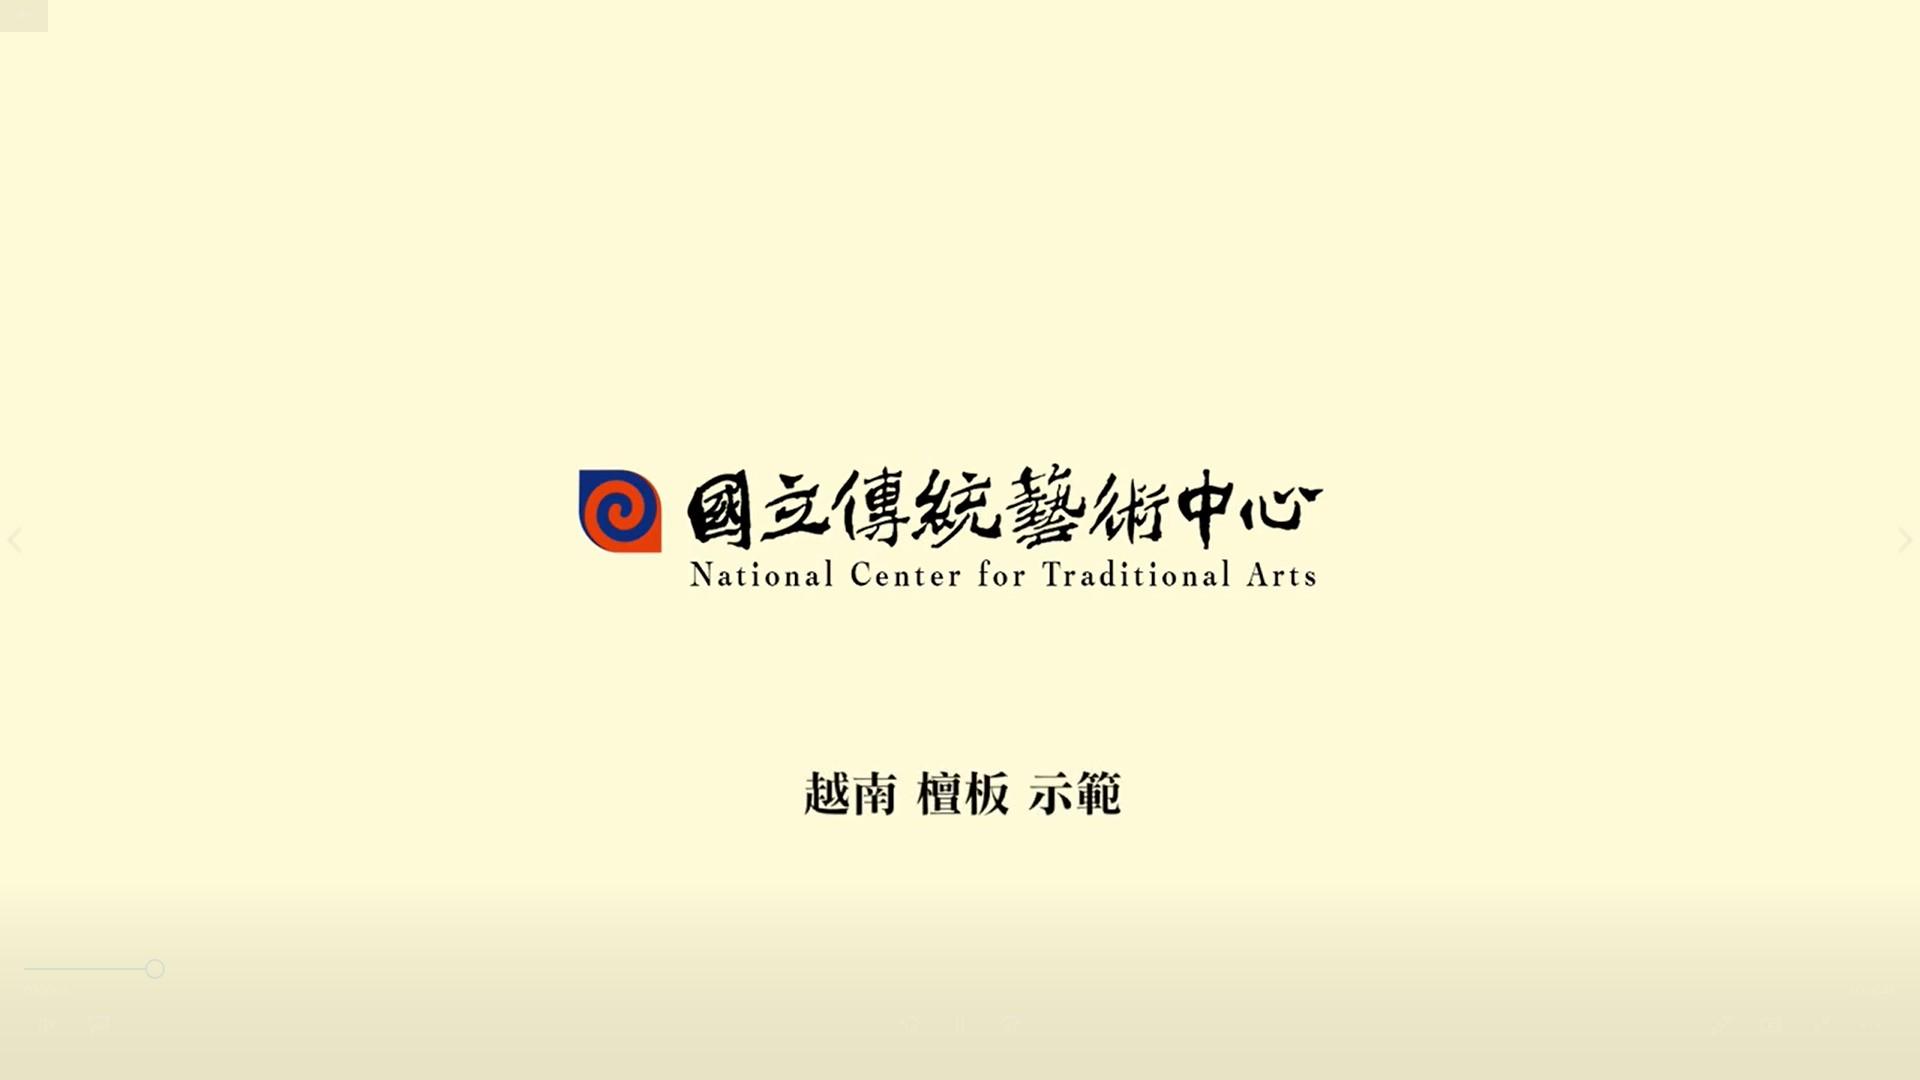 「亞太樂器常設展」樂器介紹-越南檀板